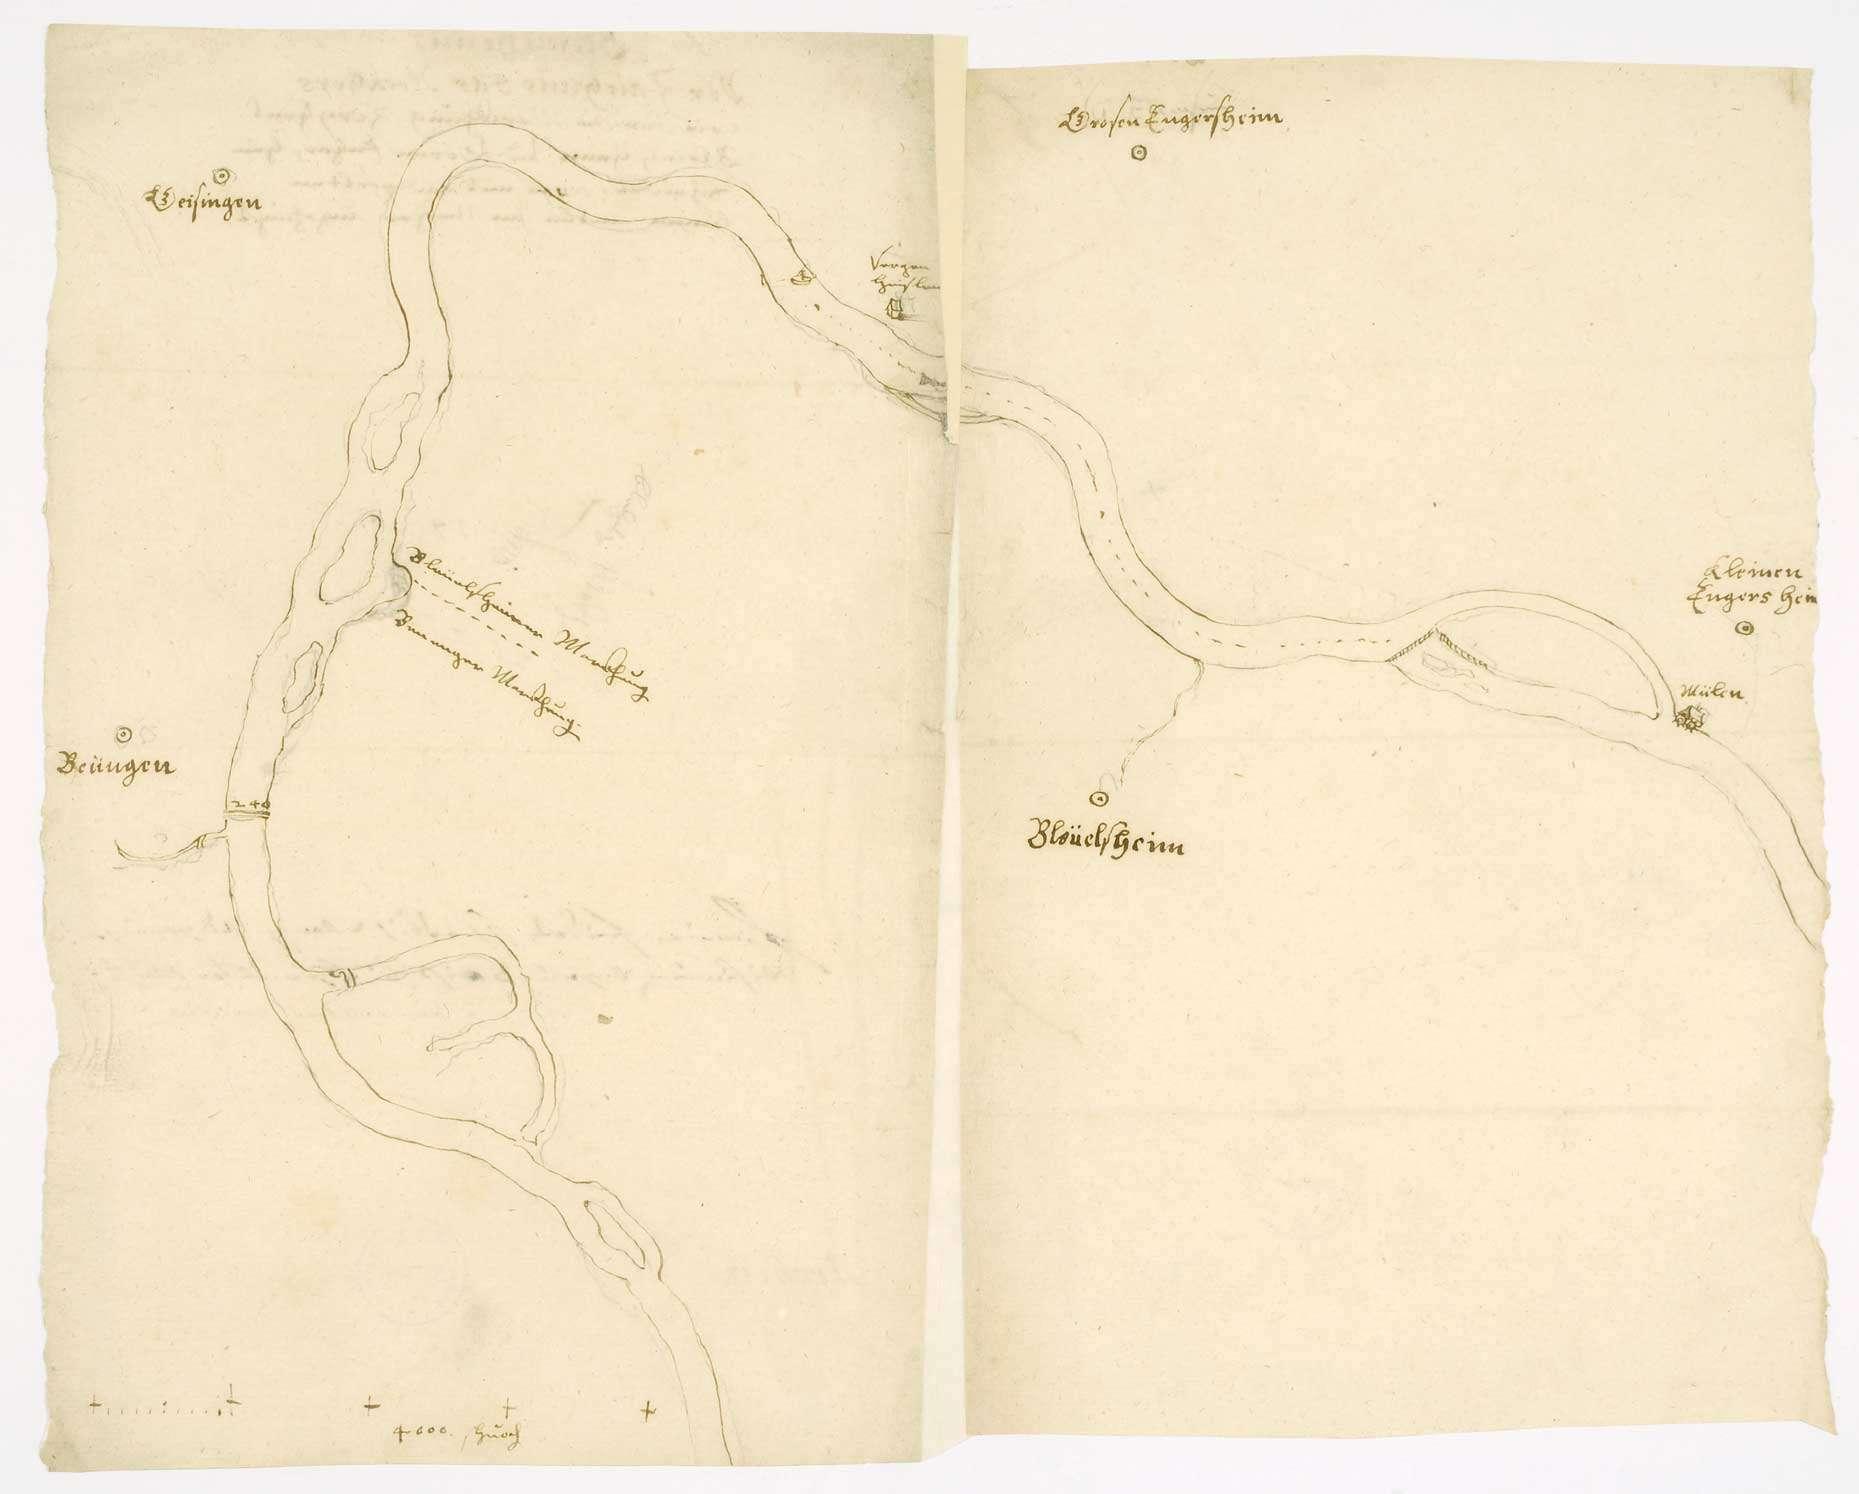 """Lageplan des Neckar zwischen Großingersheim und Pleidelsheim (""""Verzeichnis, wie der Neckar die Markung zwischen Großingersheim und Pleidelsheim scheidet""""), Bild 2"""